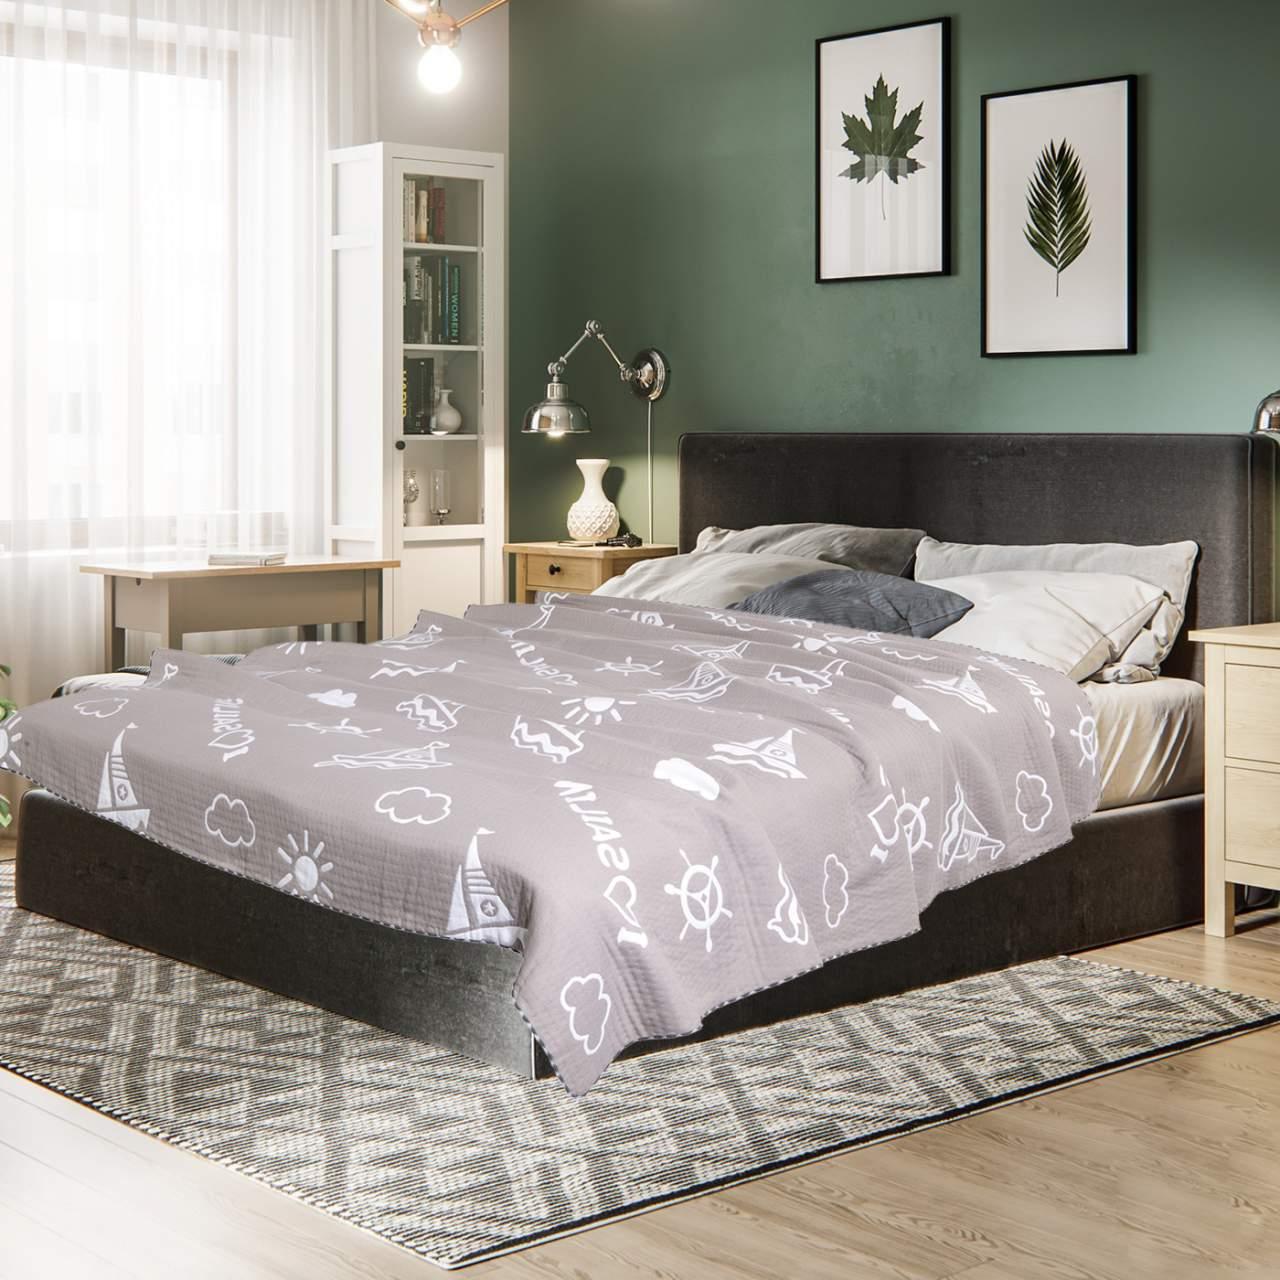 Full Size of Bedspread 100 Cotton Sofa Bed Throw Blanket Patchwork Quilted Big Mit Schlaffunktion Ektorp Grau Sam Schlafsofa Liegefläche 160x200 Sitzhöhe 55 Cm Arten Wohnzimmer Big Sofa Nadja